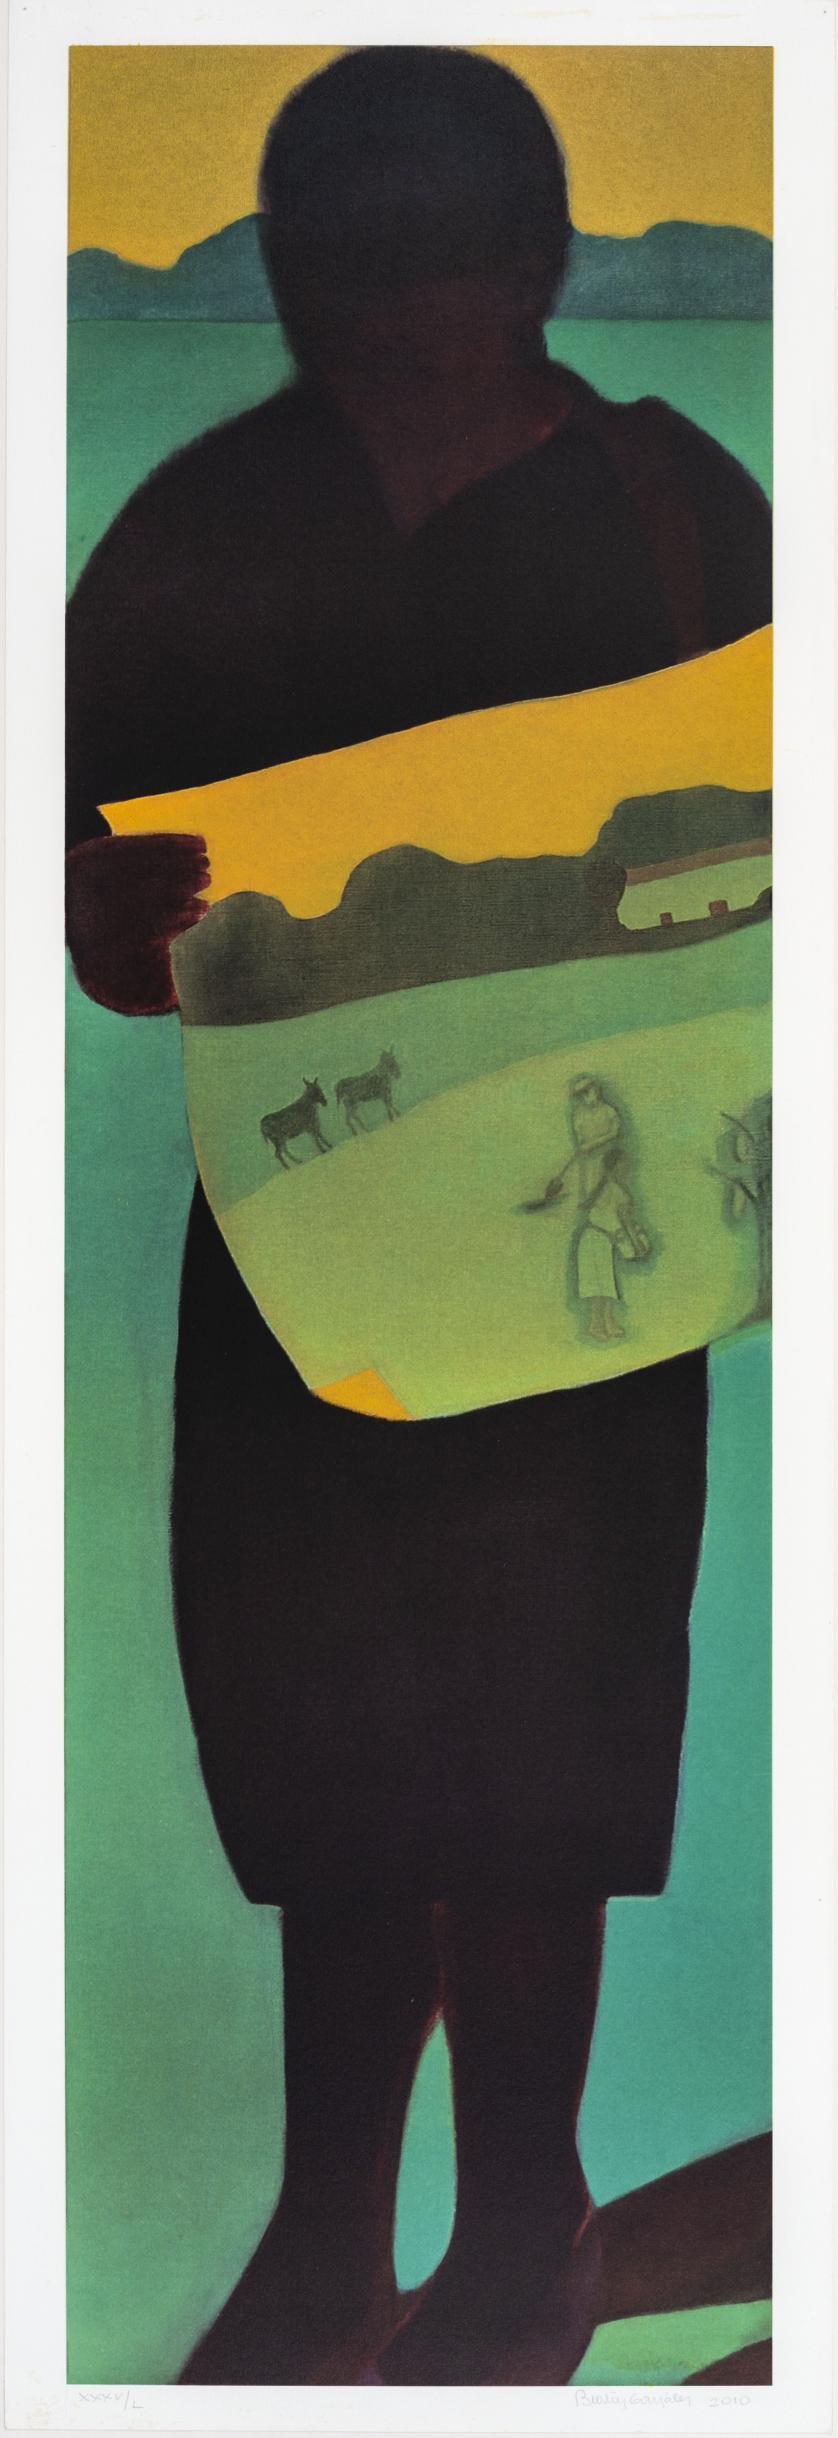 Beatriz González (Colombia, 1938) : Voy desapareciendo como